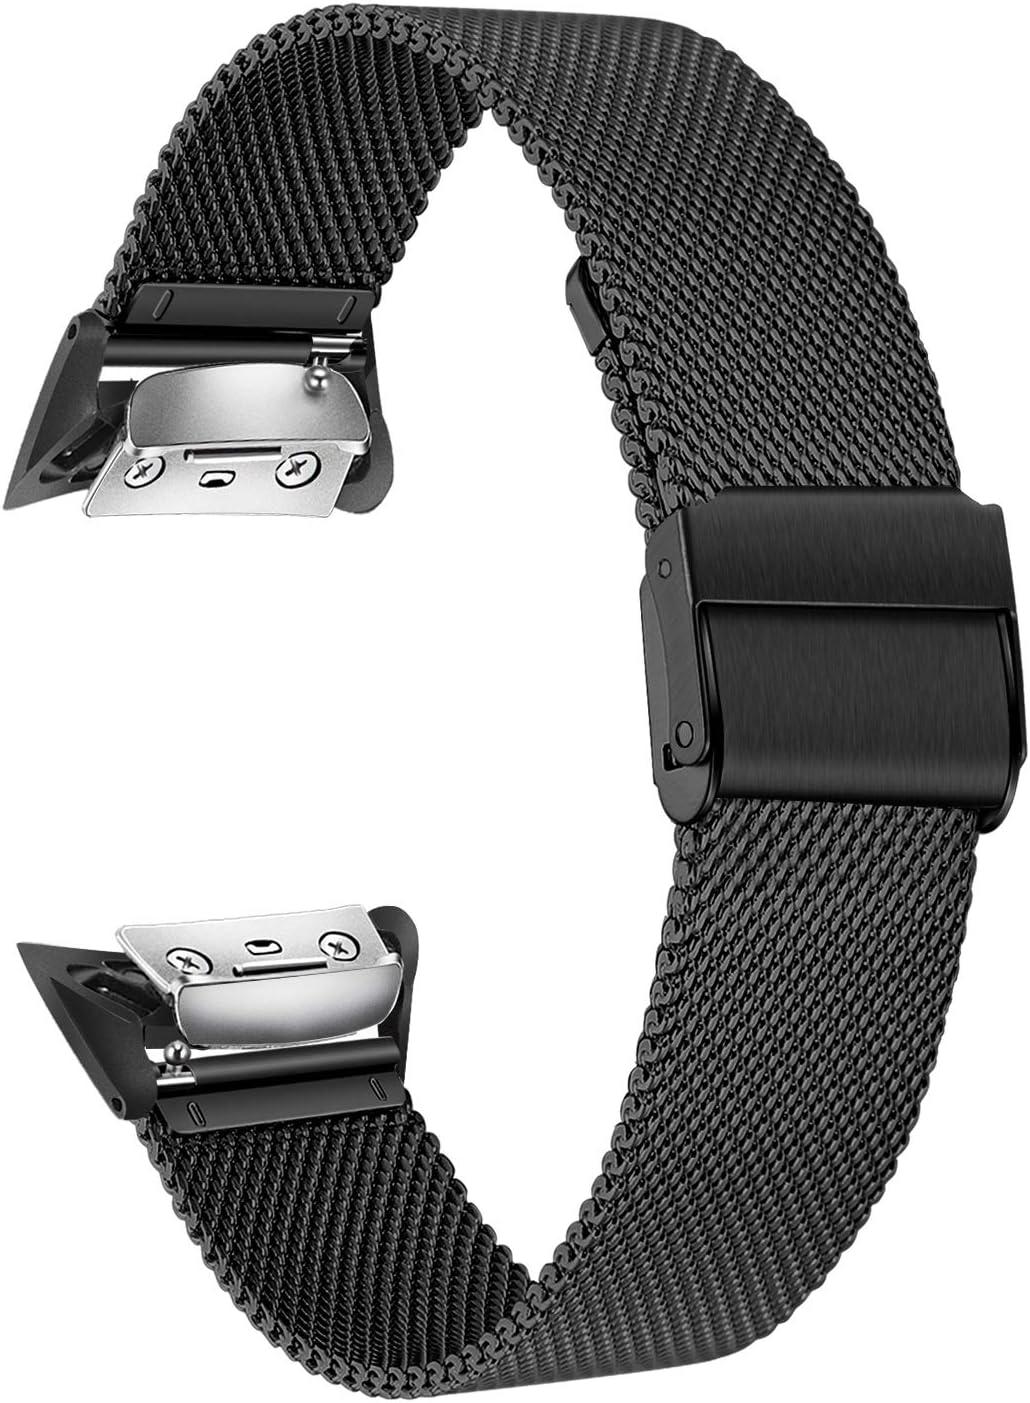 TRUMiRR Gear Fit 2 Correa de Reloj, Solid Banda de Acero Inoxidable Sports Strap Pulsera de muñeca para Samsung Gear Fit 2 SM-R360 / Fit 2 Pro SM-R365 Reloj Inteligente